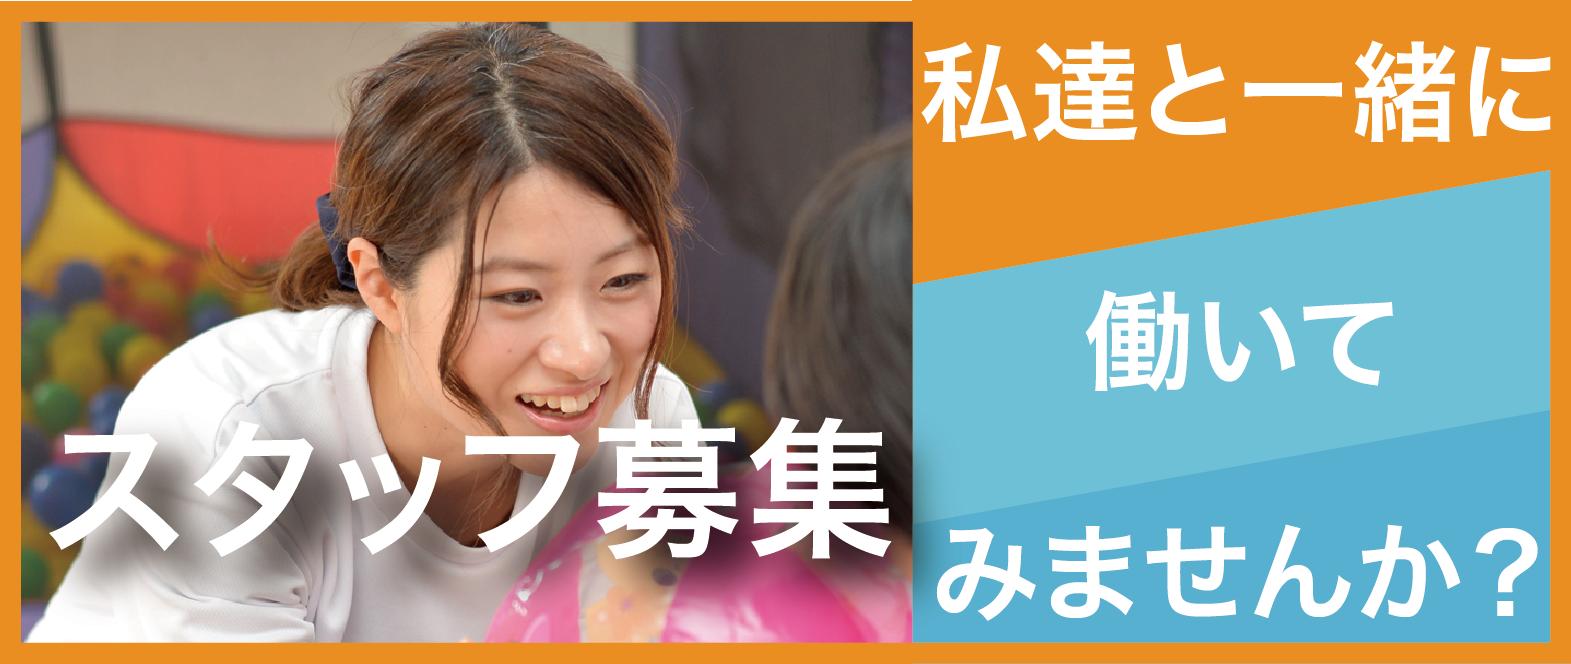 tsubasa-wg3